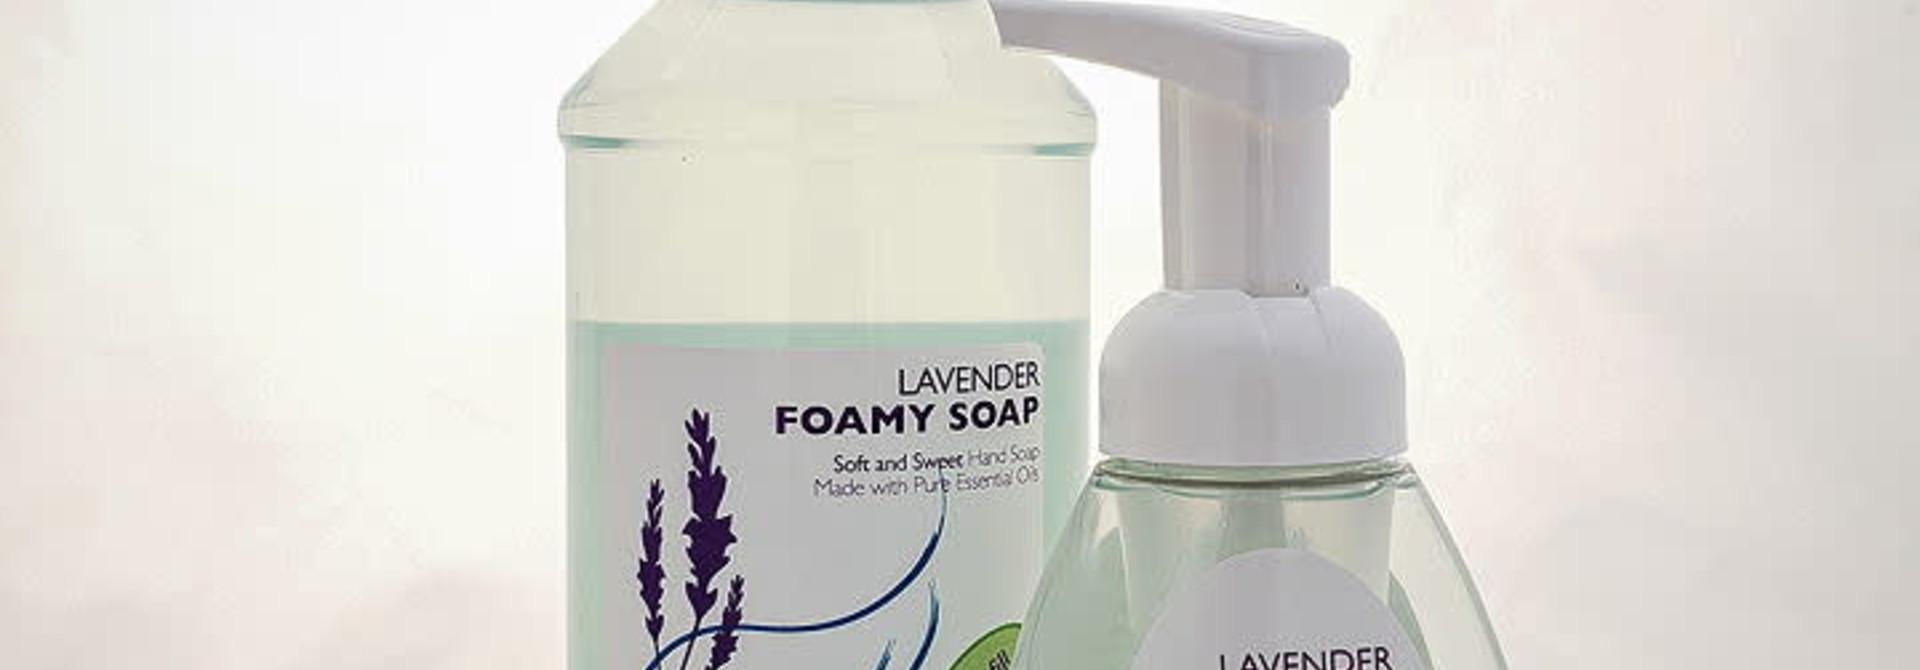 Lavender Contentment Foamy Soap - Refill 32oz.